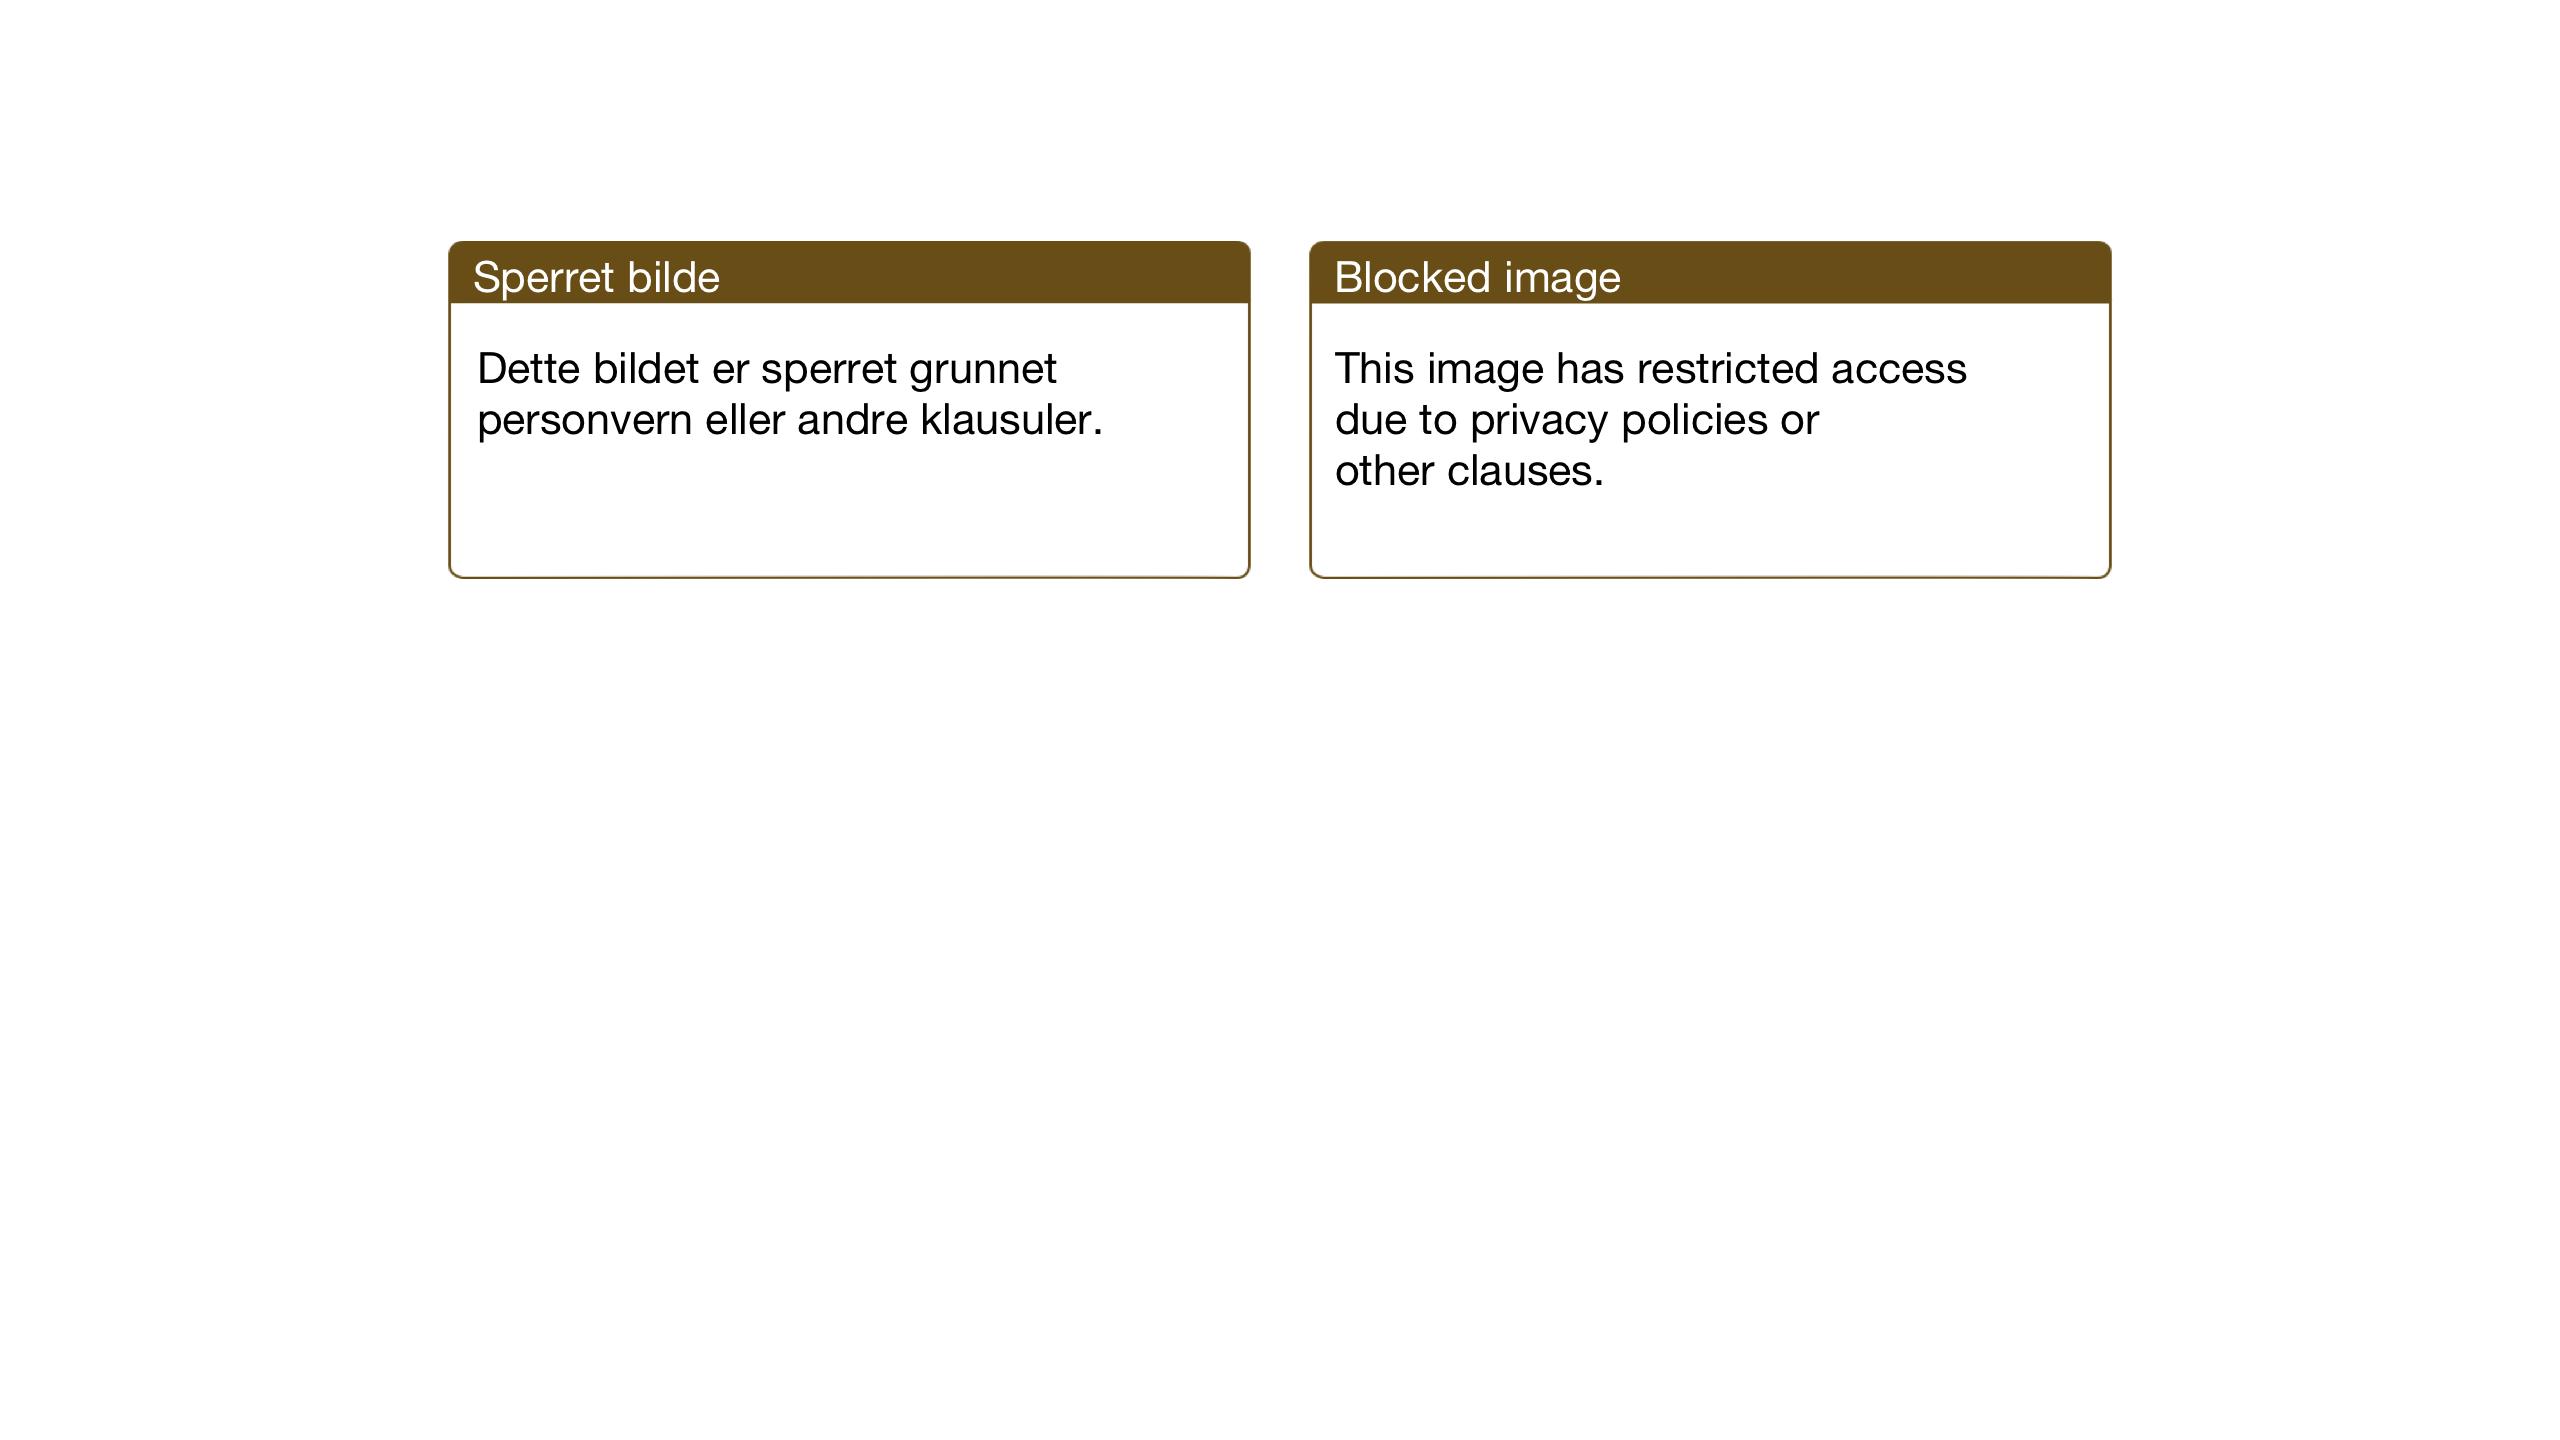 SAT, Ministerialprotokoller, klokkerbøker og fødselsregistre - Nord-Trøndelag, 741/L0403: Ministerialbok nr. 741C04, 1925-1944, s. 33